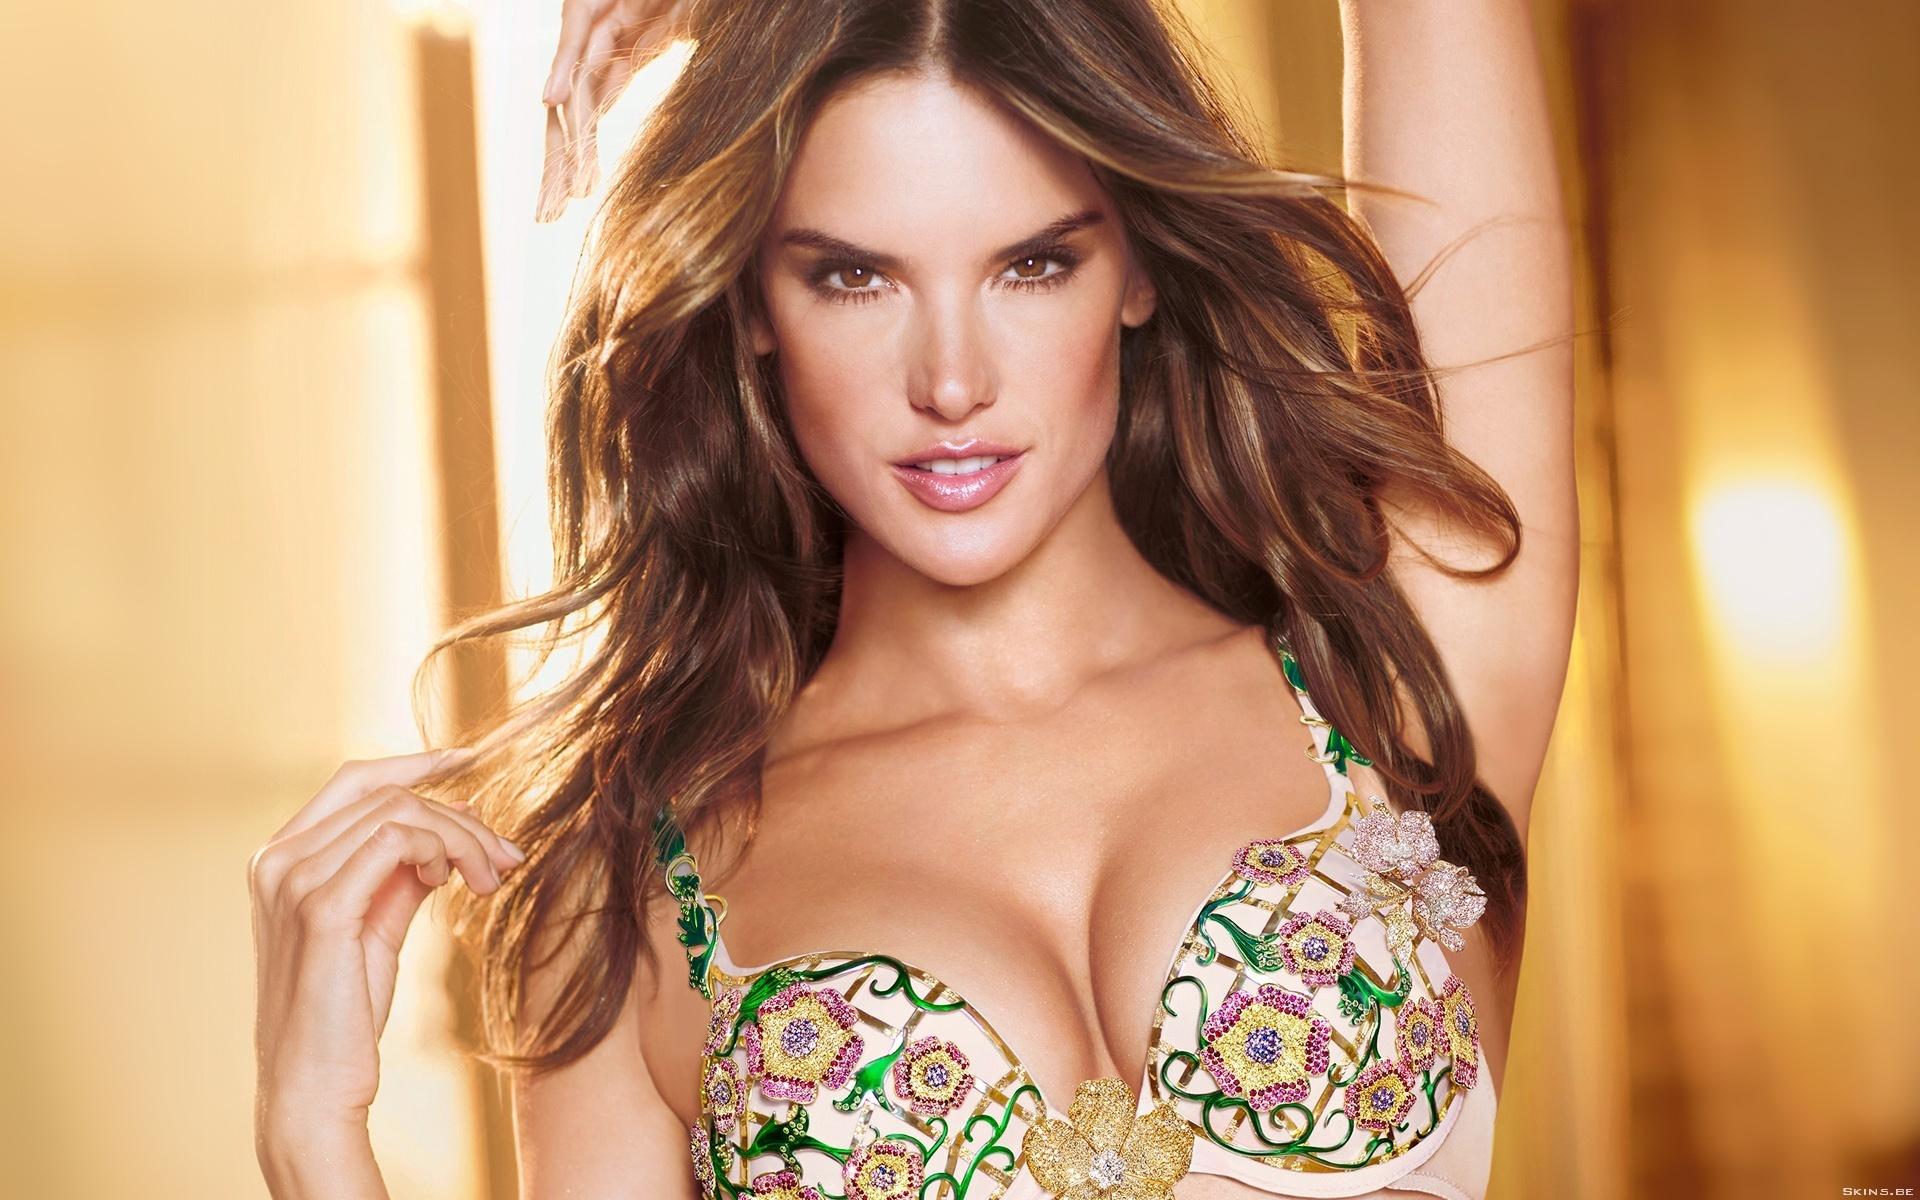 Самые красивые девушки модели 14 фотография